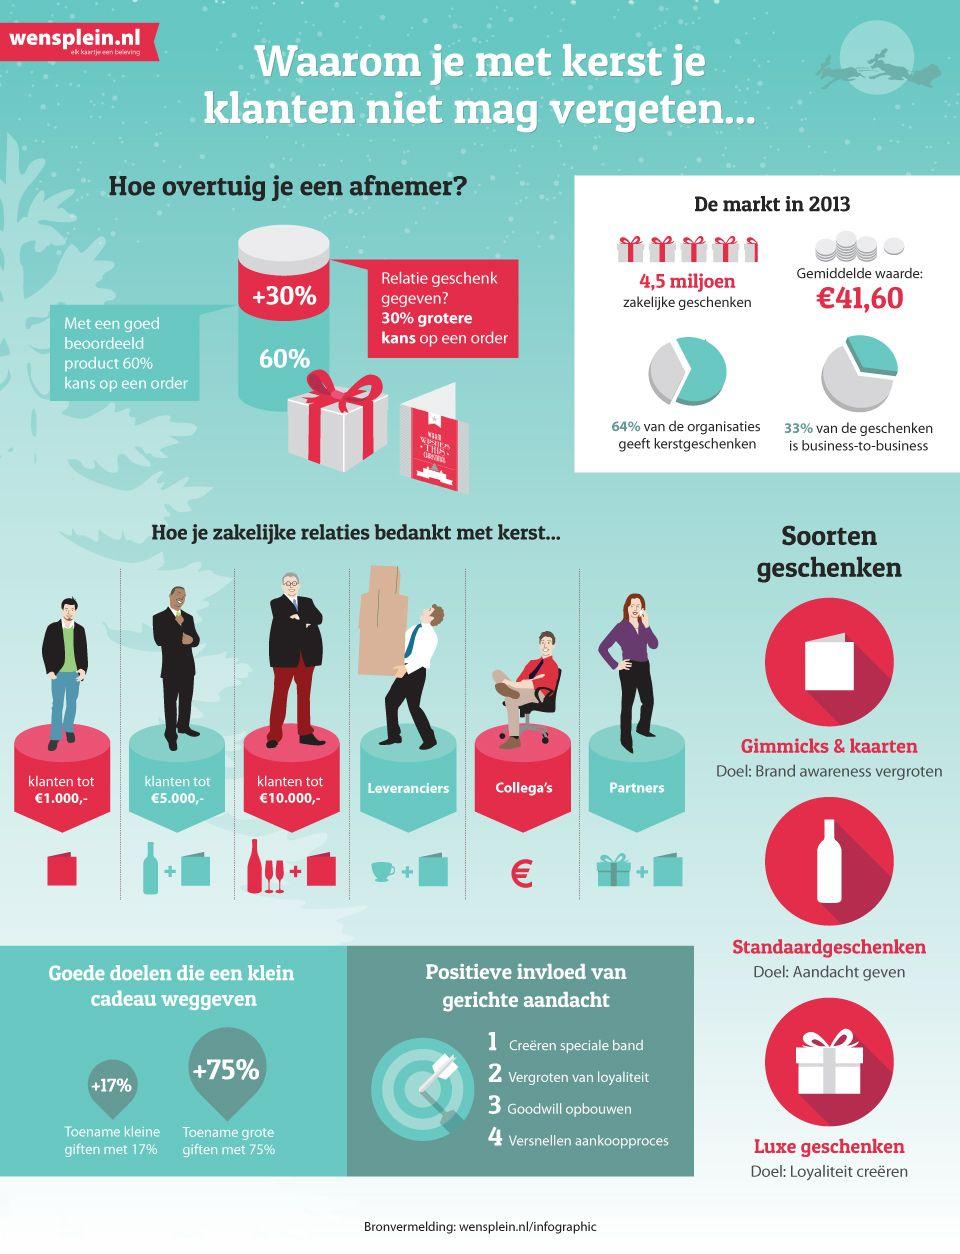 Infographic: waarom je met kerst je klanten niet mag vergeten.. Wil je deze infographic gratis als gedrukt exemplaar ontvangen op A3-formaat? Bestel hem dan snel op: http://wensplein.nl/infographic